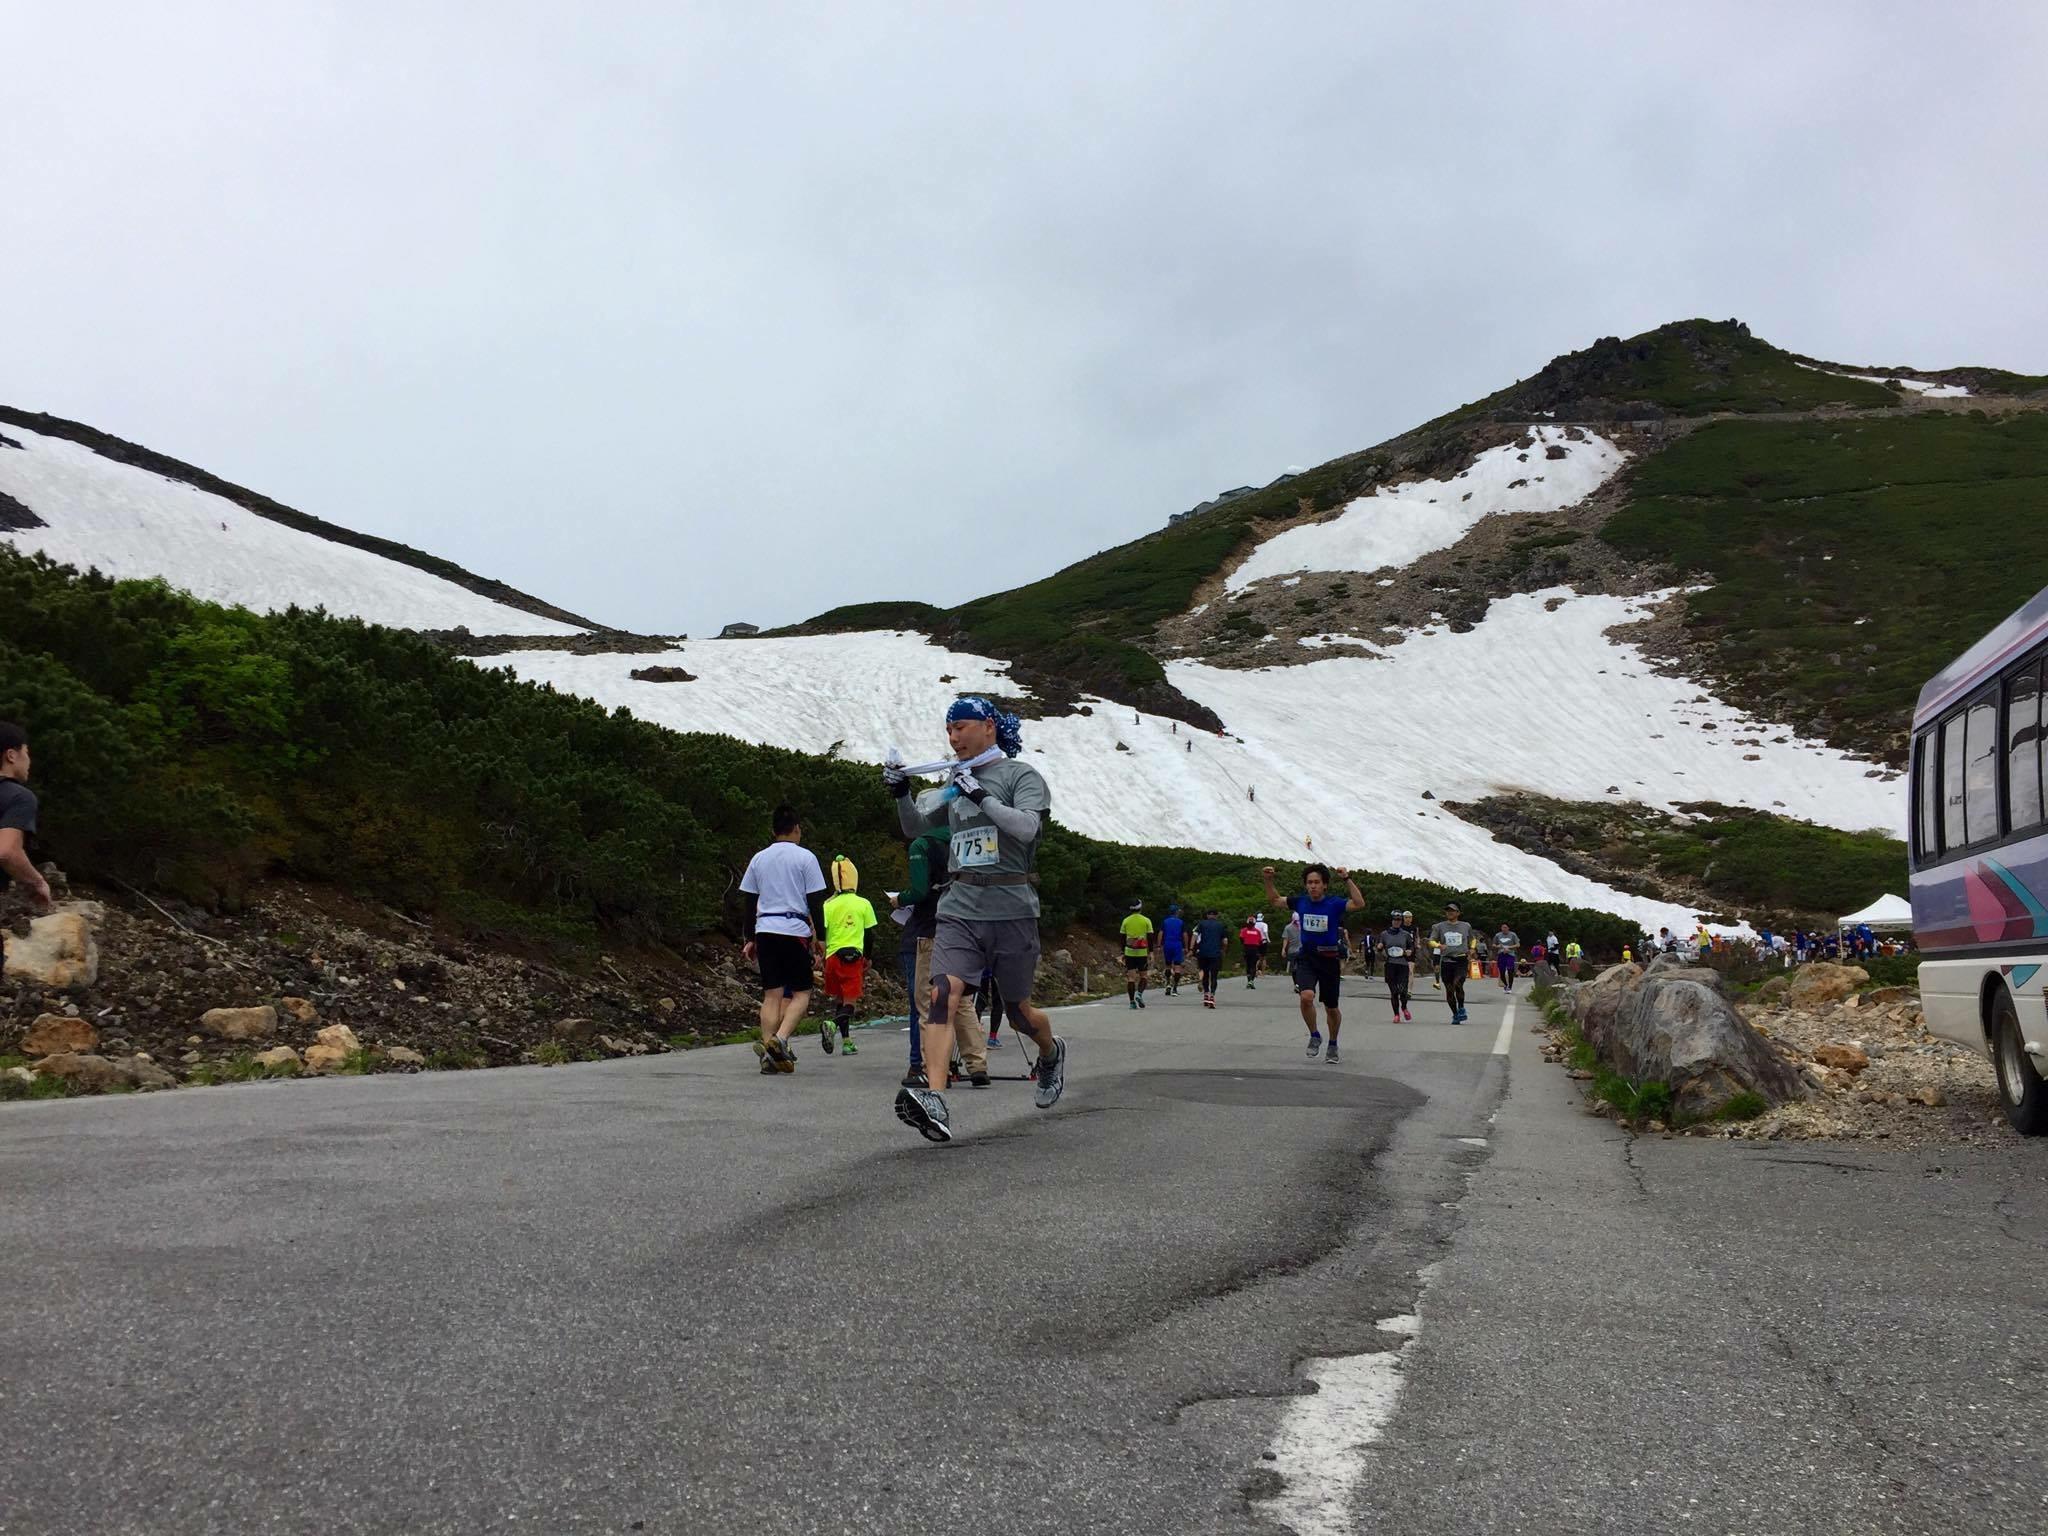 乗鞍岳をバックに走る雄大な天空マラソン